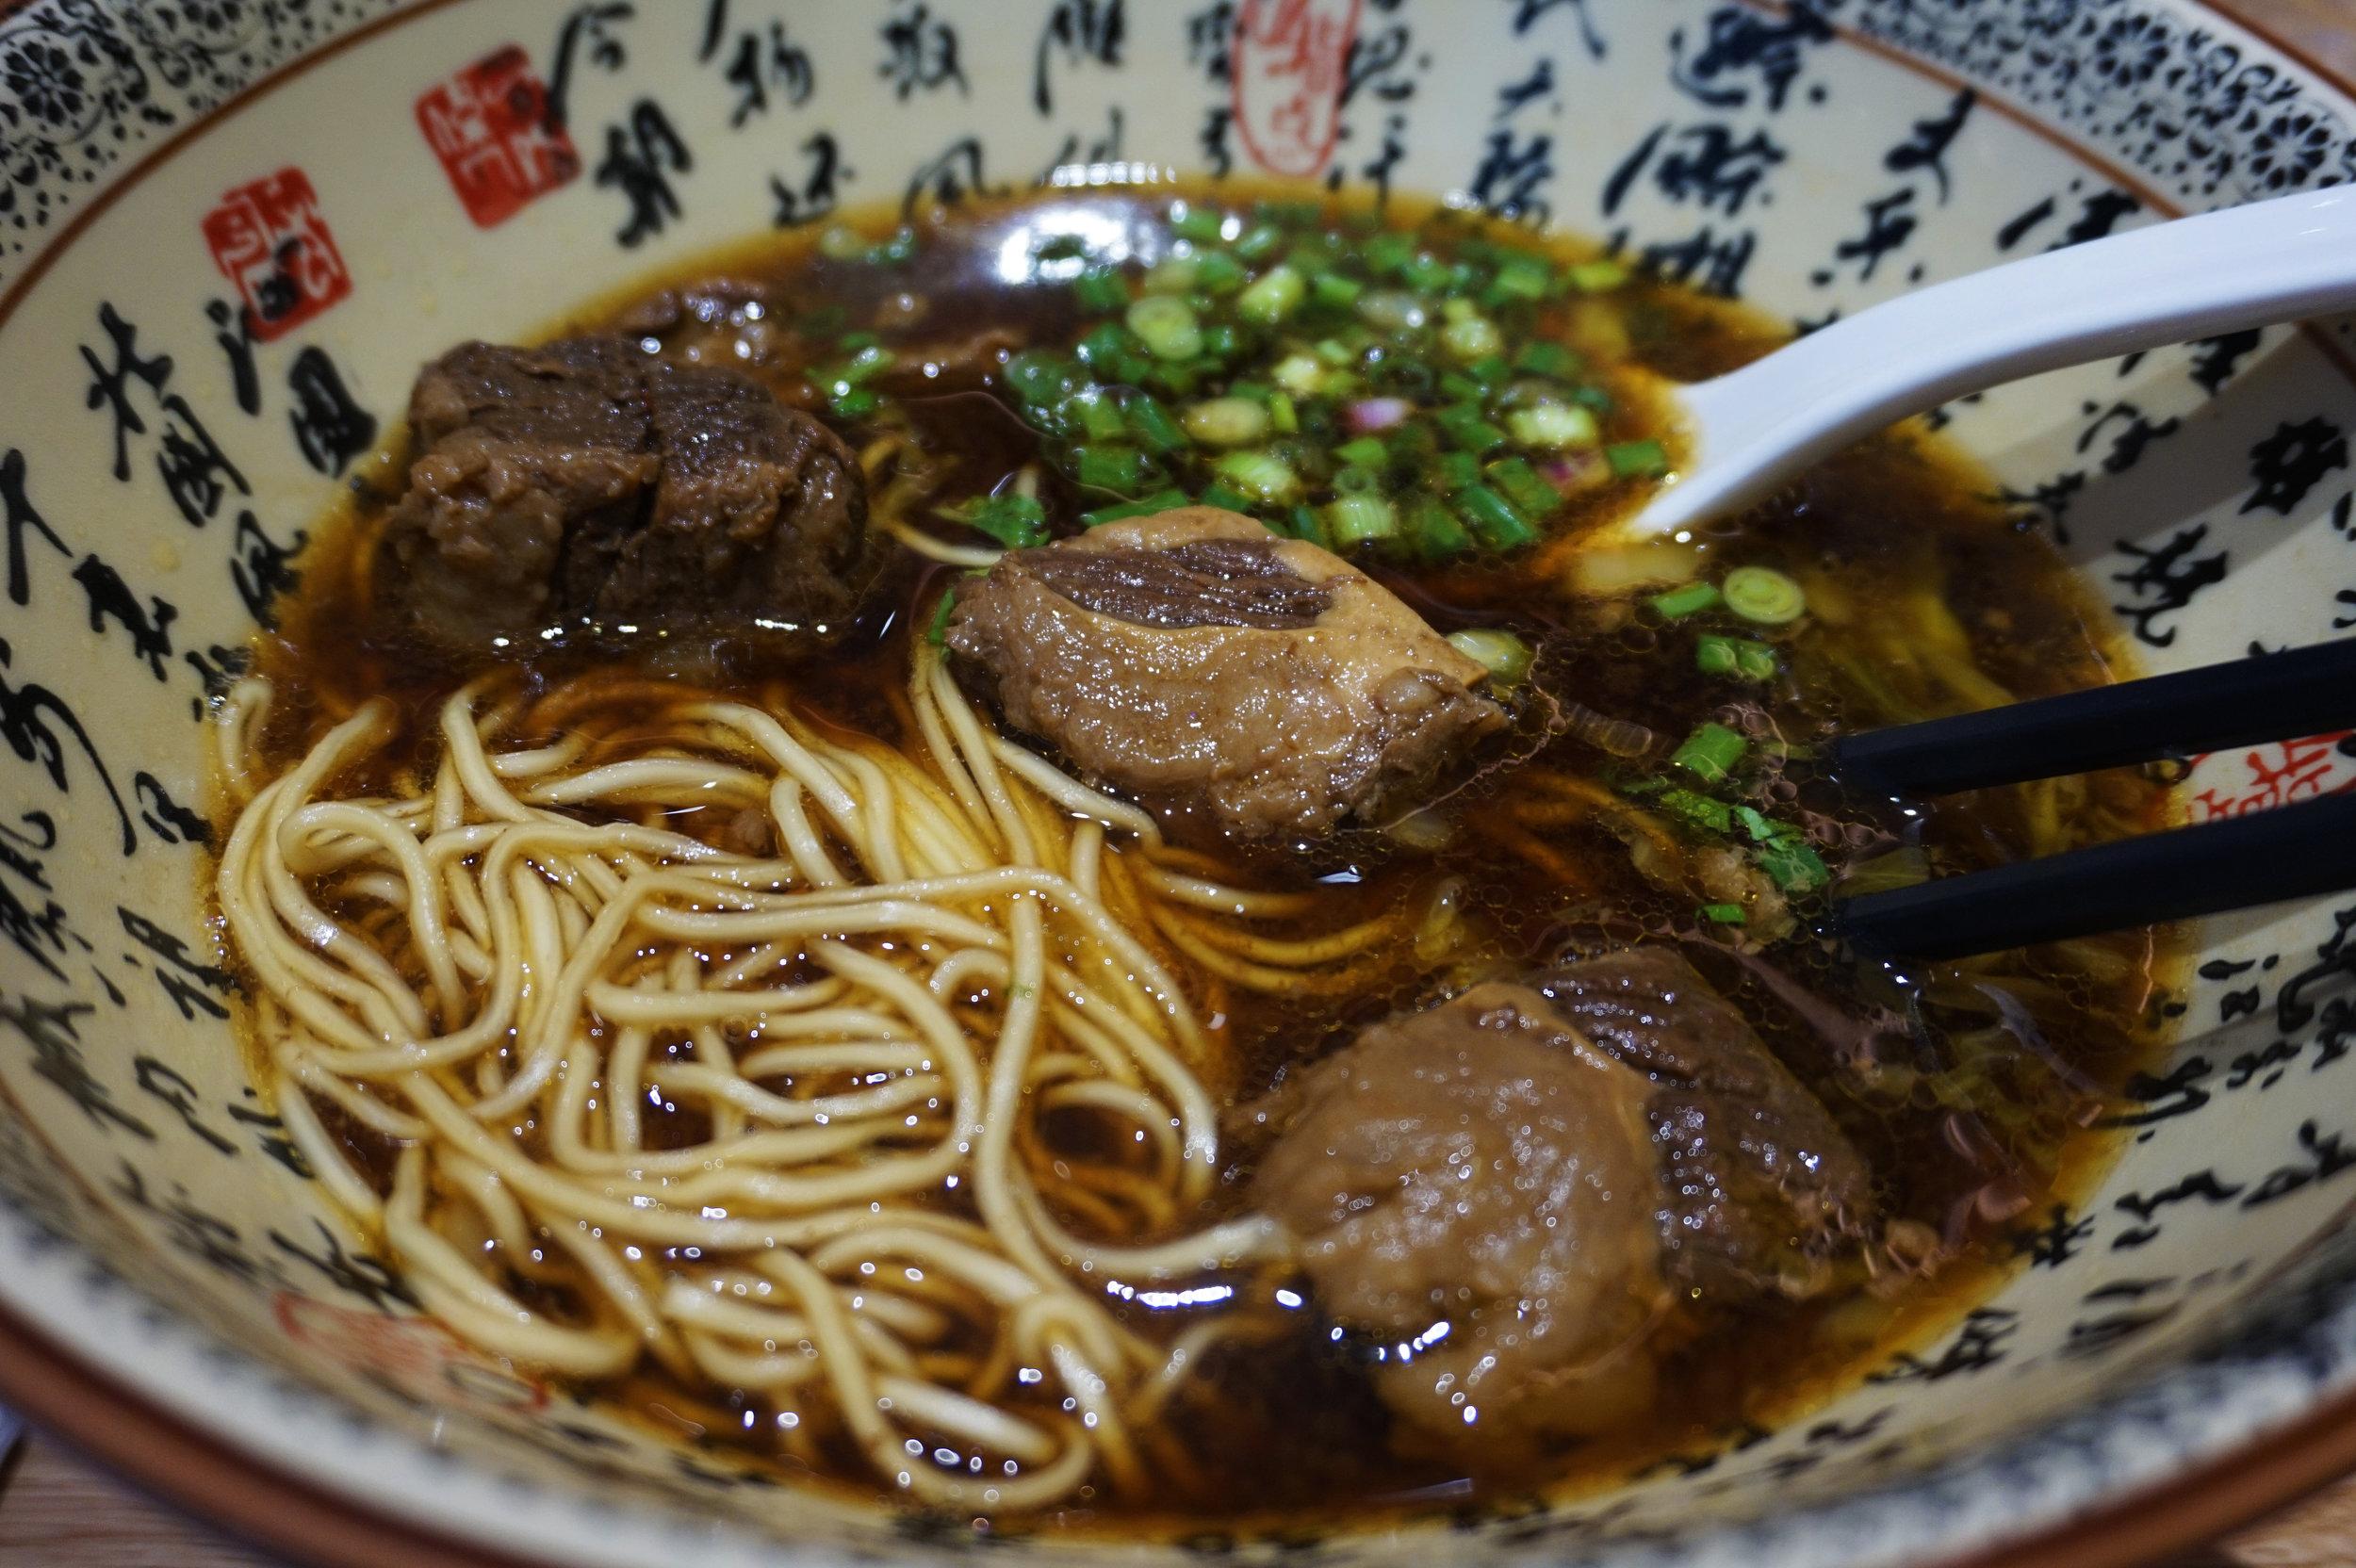 Wagyu beef nooodle soup